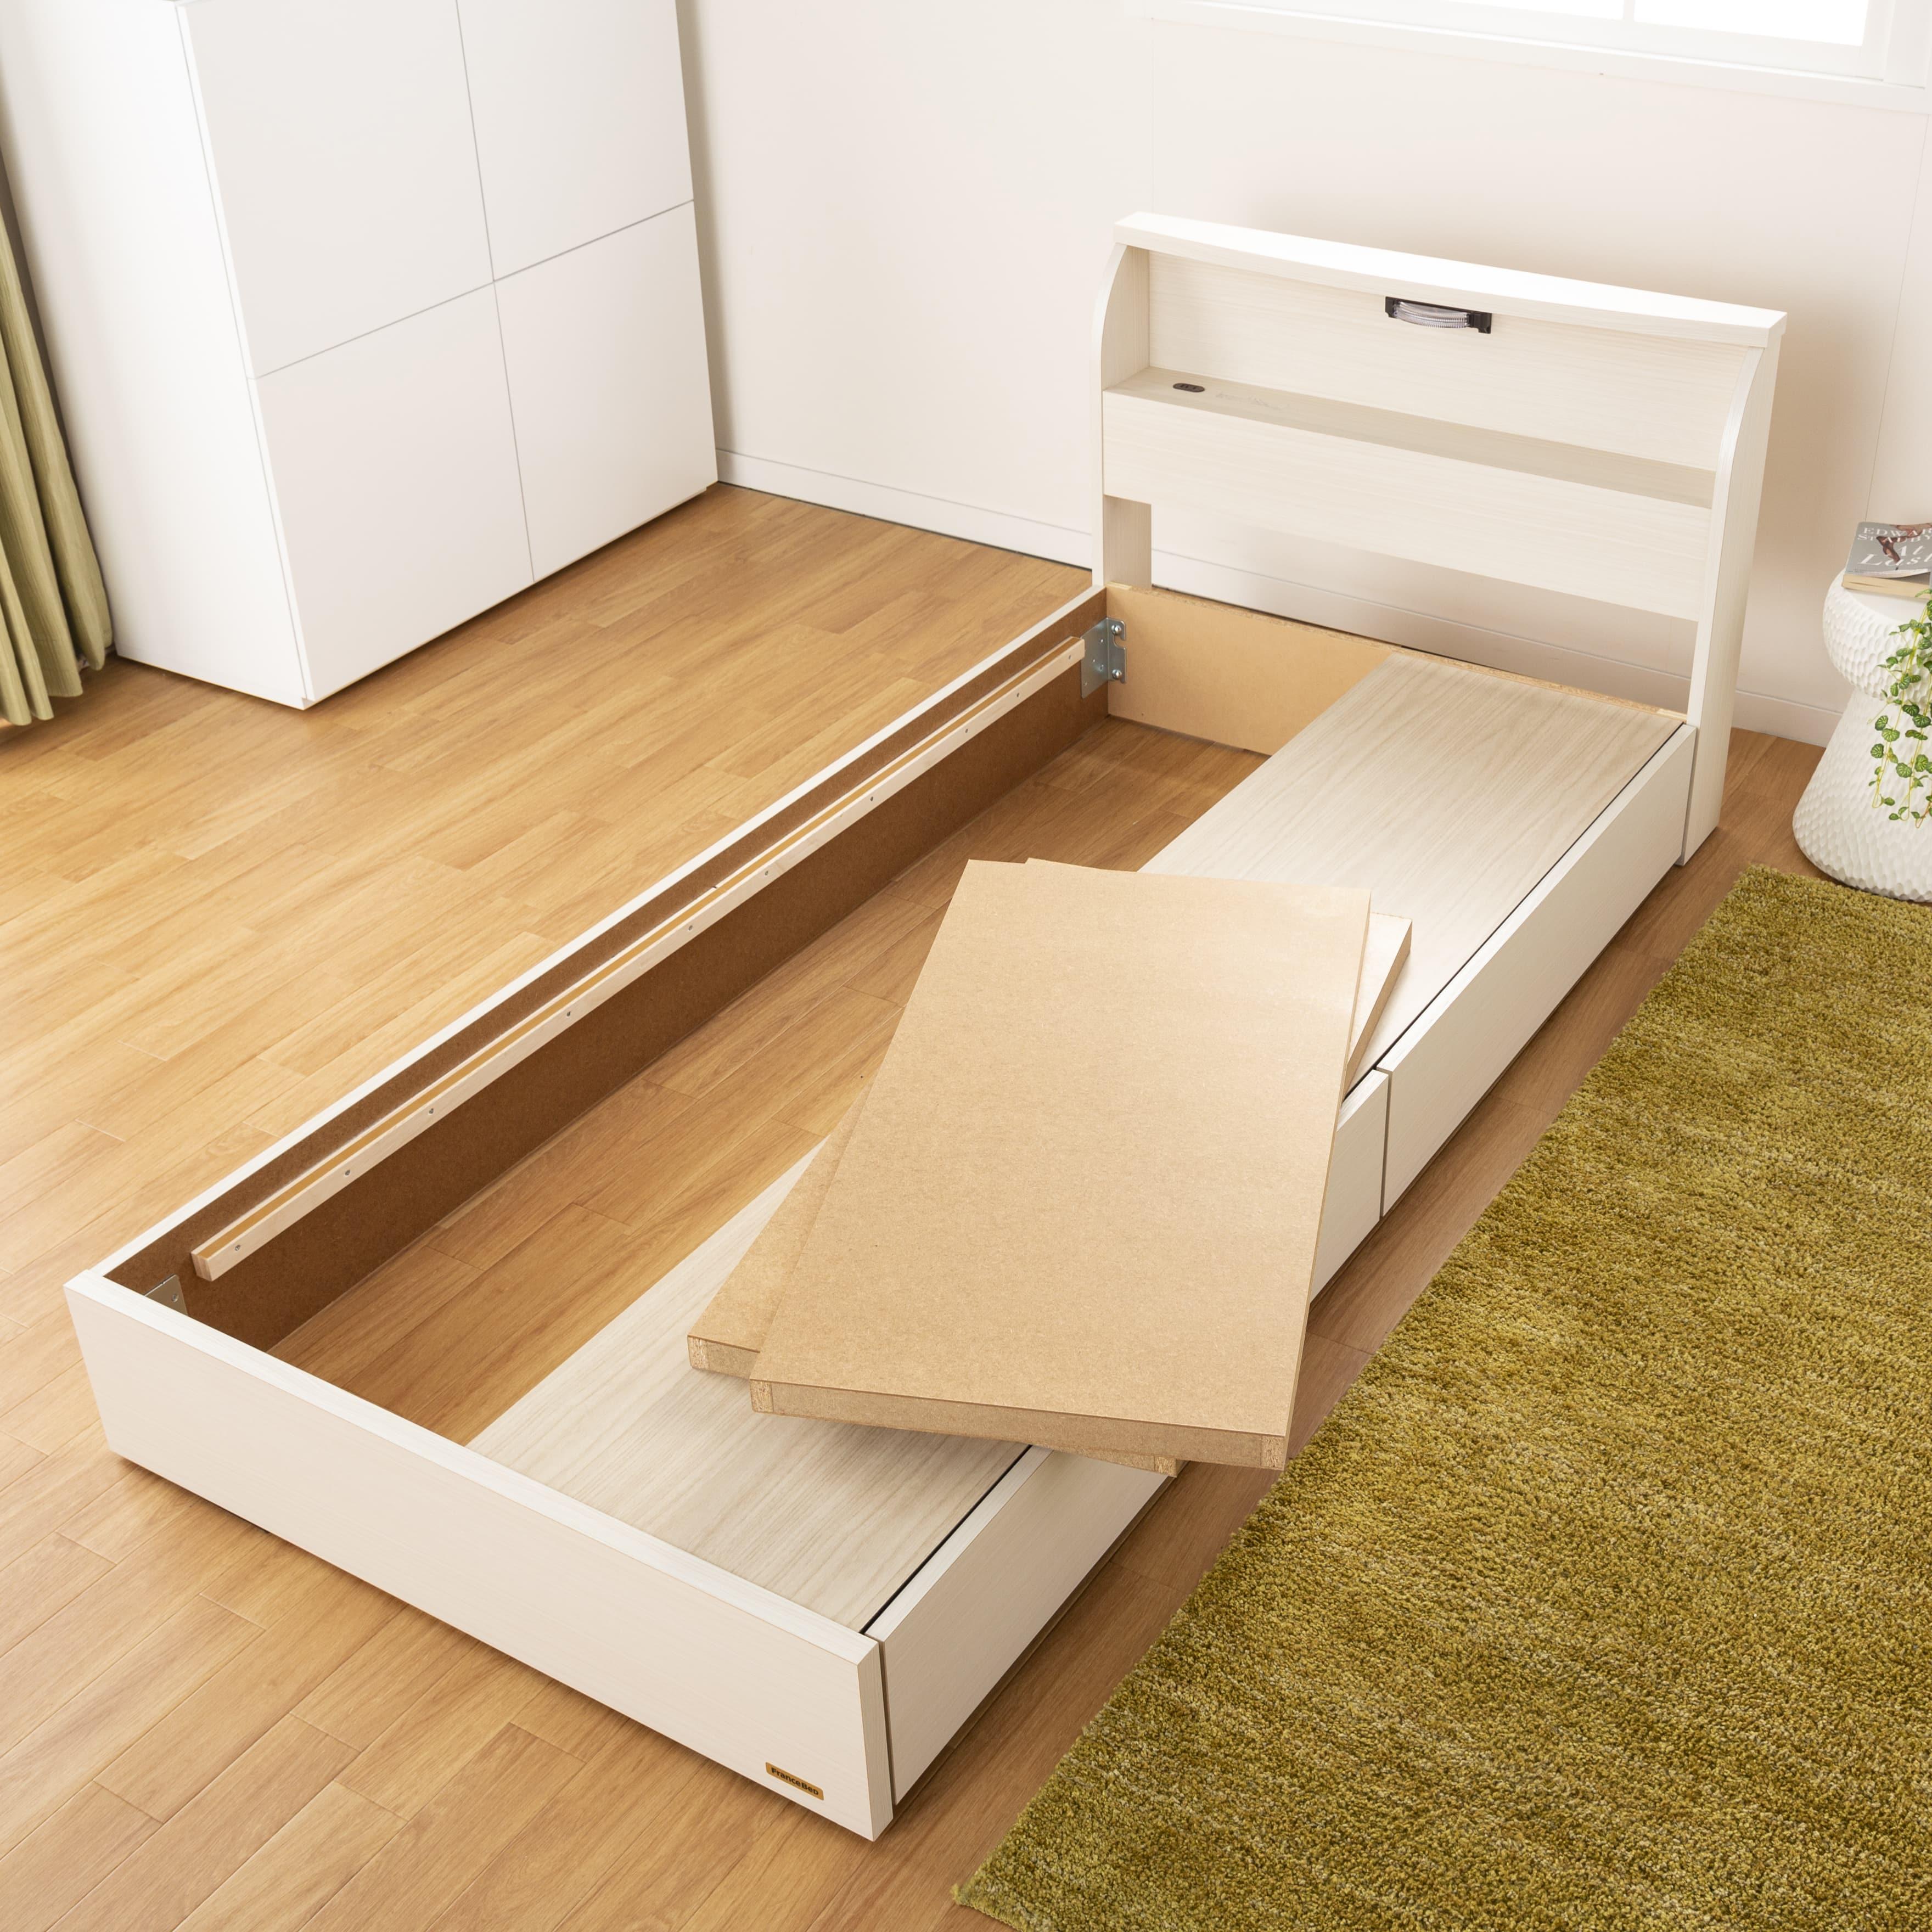 シングルベッド コスモプラス�U/BO−030 ウォールナット:隠れた収納スペース